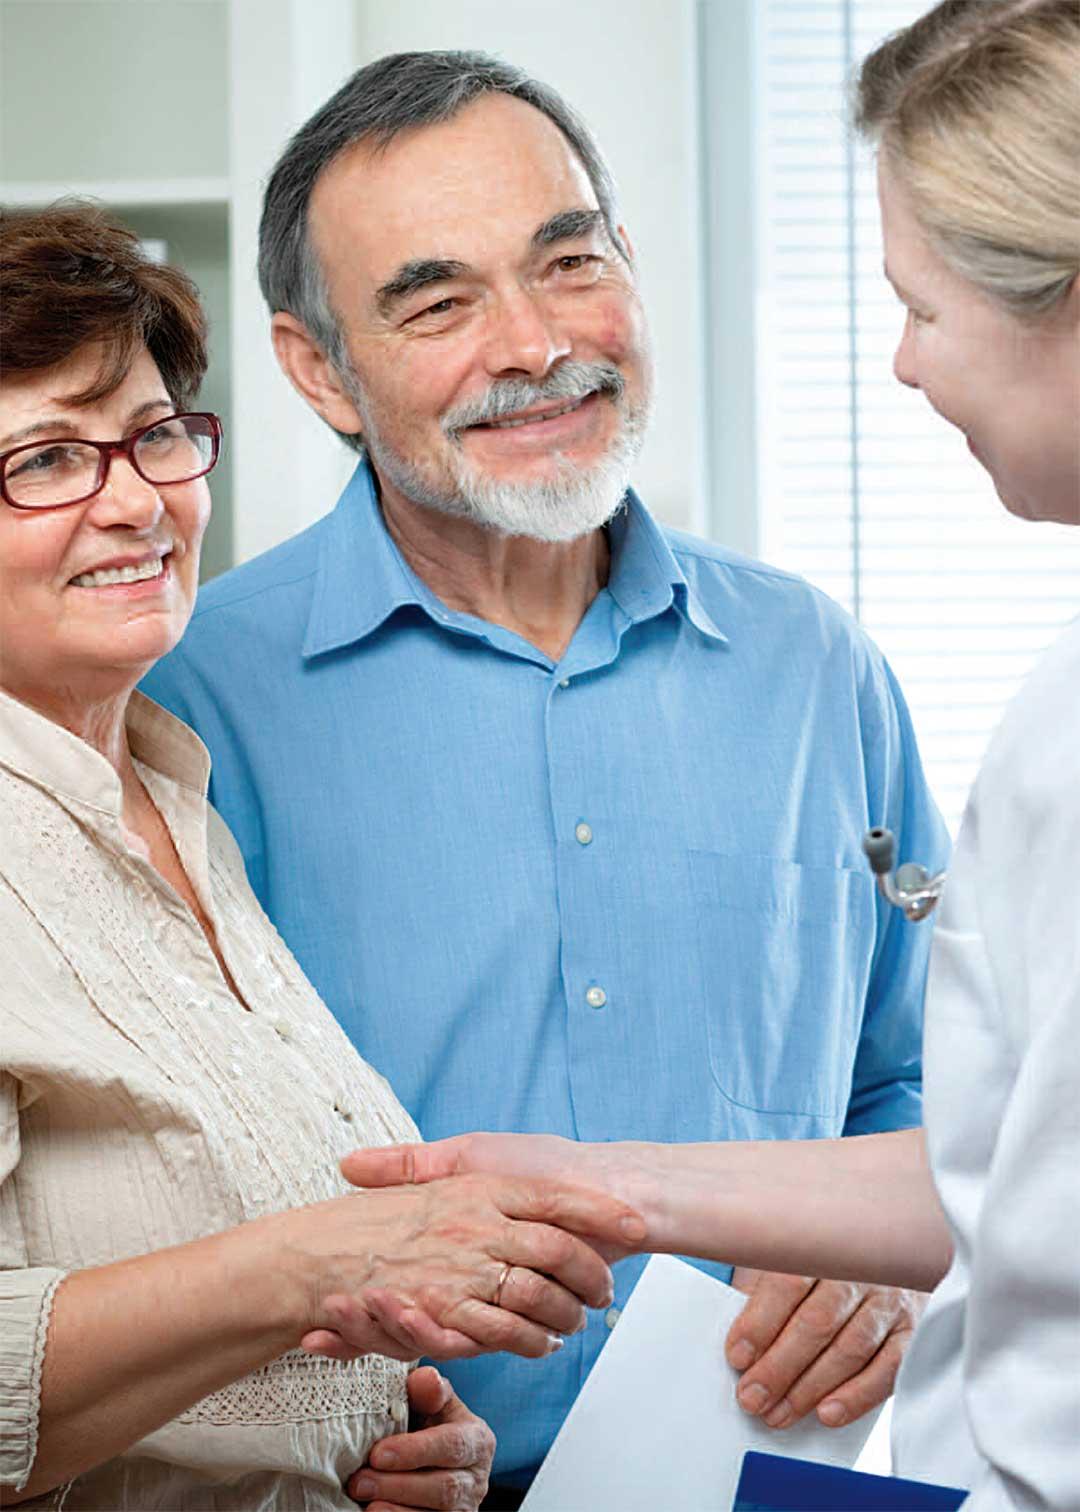 L'ospedale pubblica una guida per i pazienti oncologici